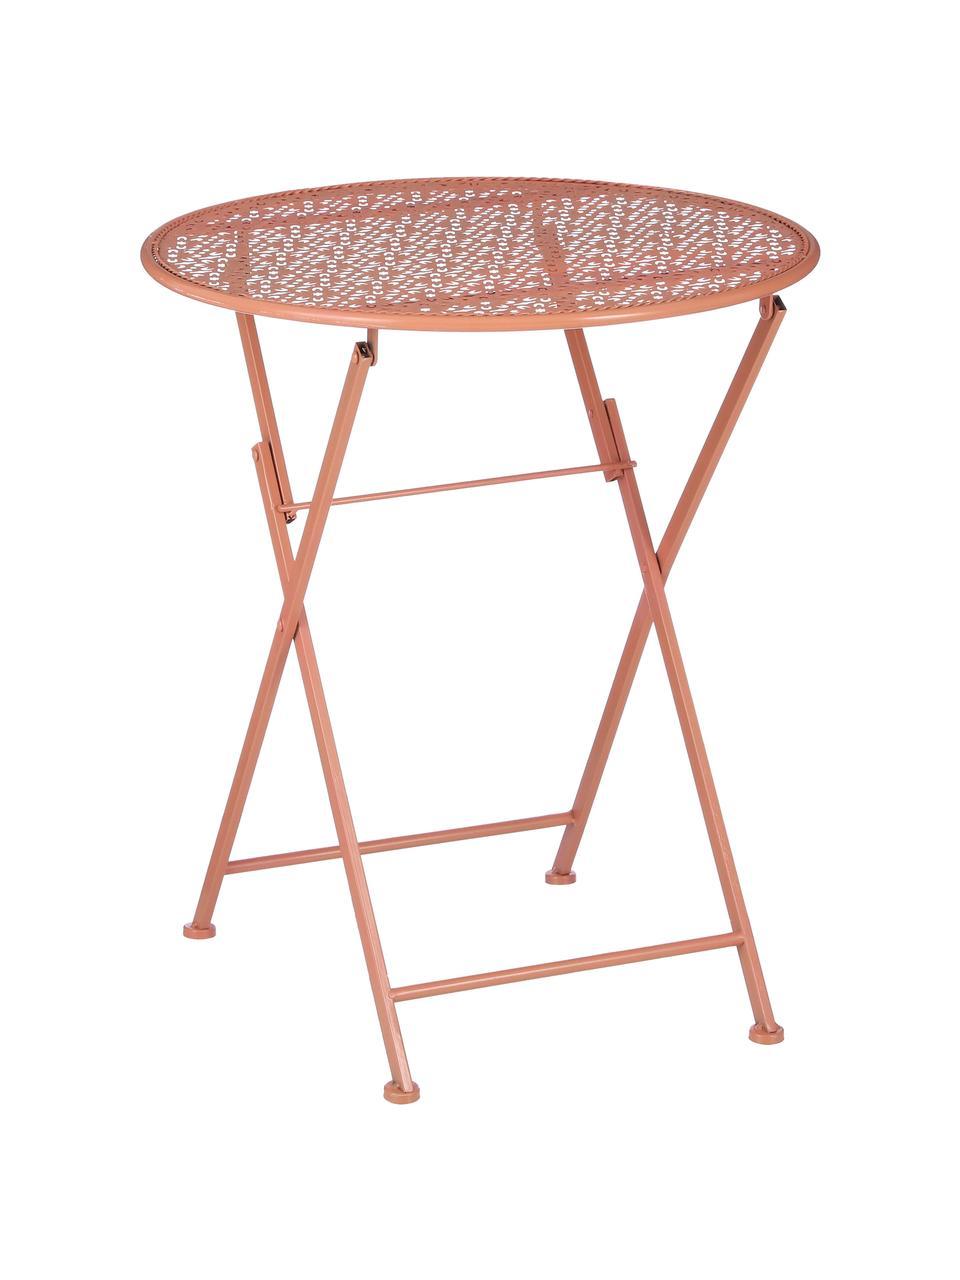 Inklapbaar balkontafel Ninet, Gecoat metaal, Terracottarood, Ø 60 x H 70 cm